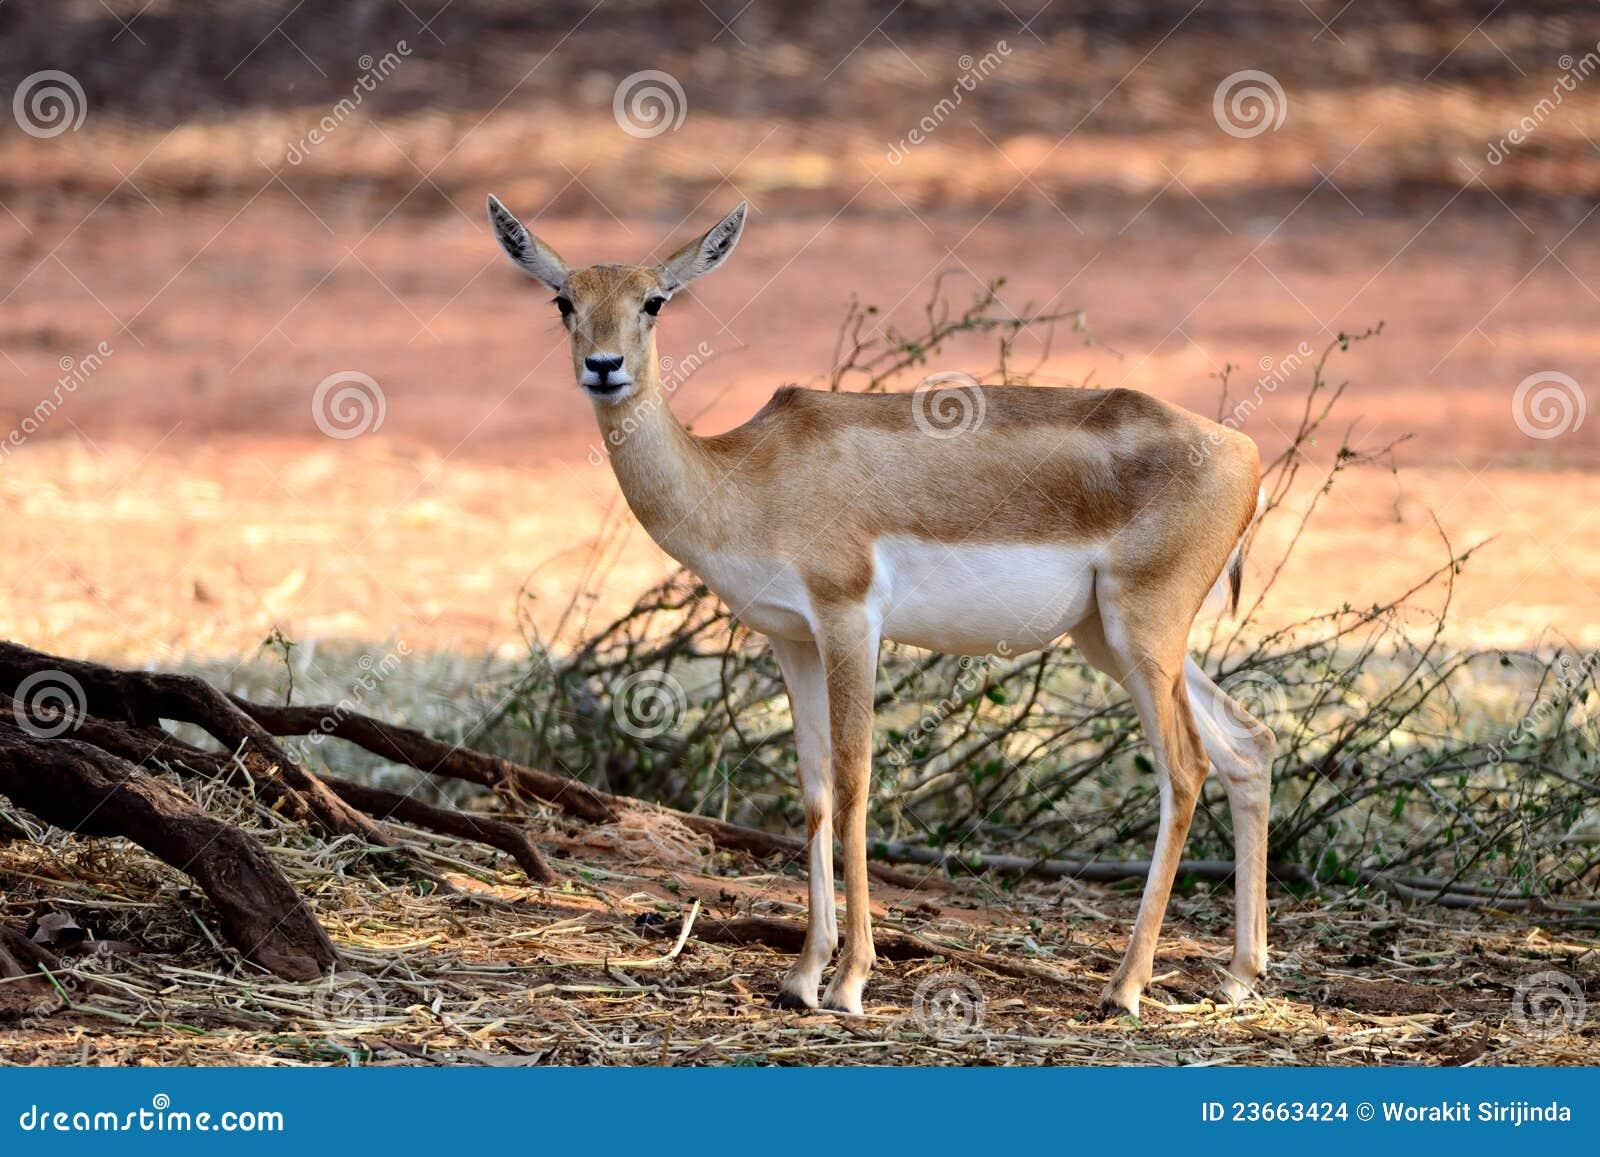 安车羚羊配件_羚羊印度羚印地安人